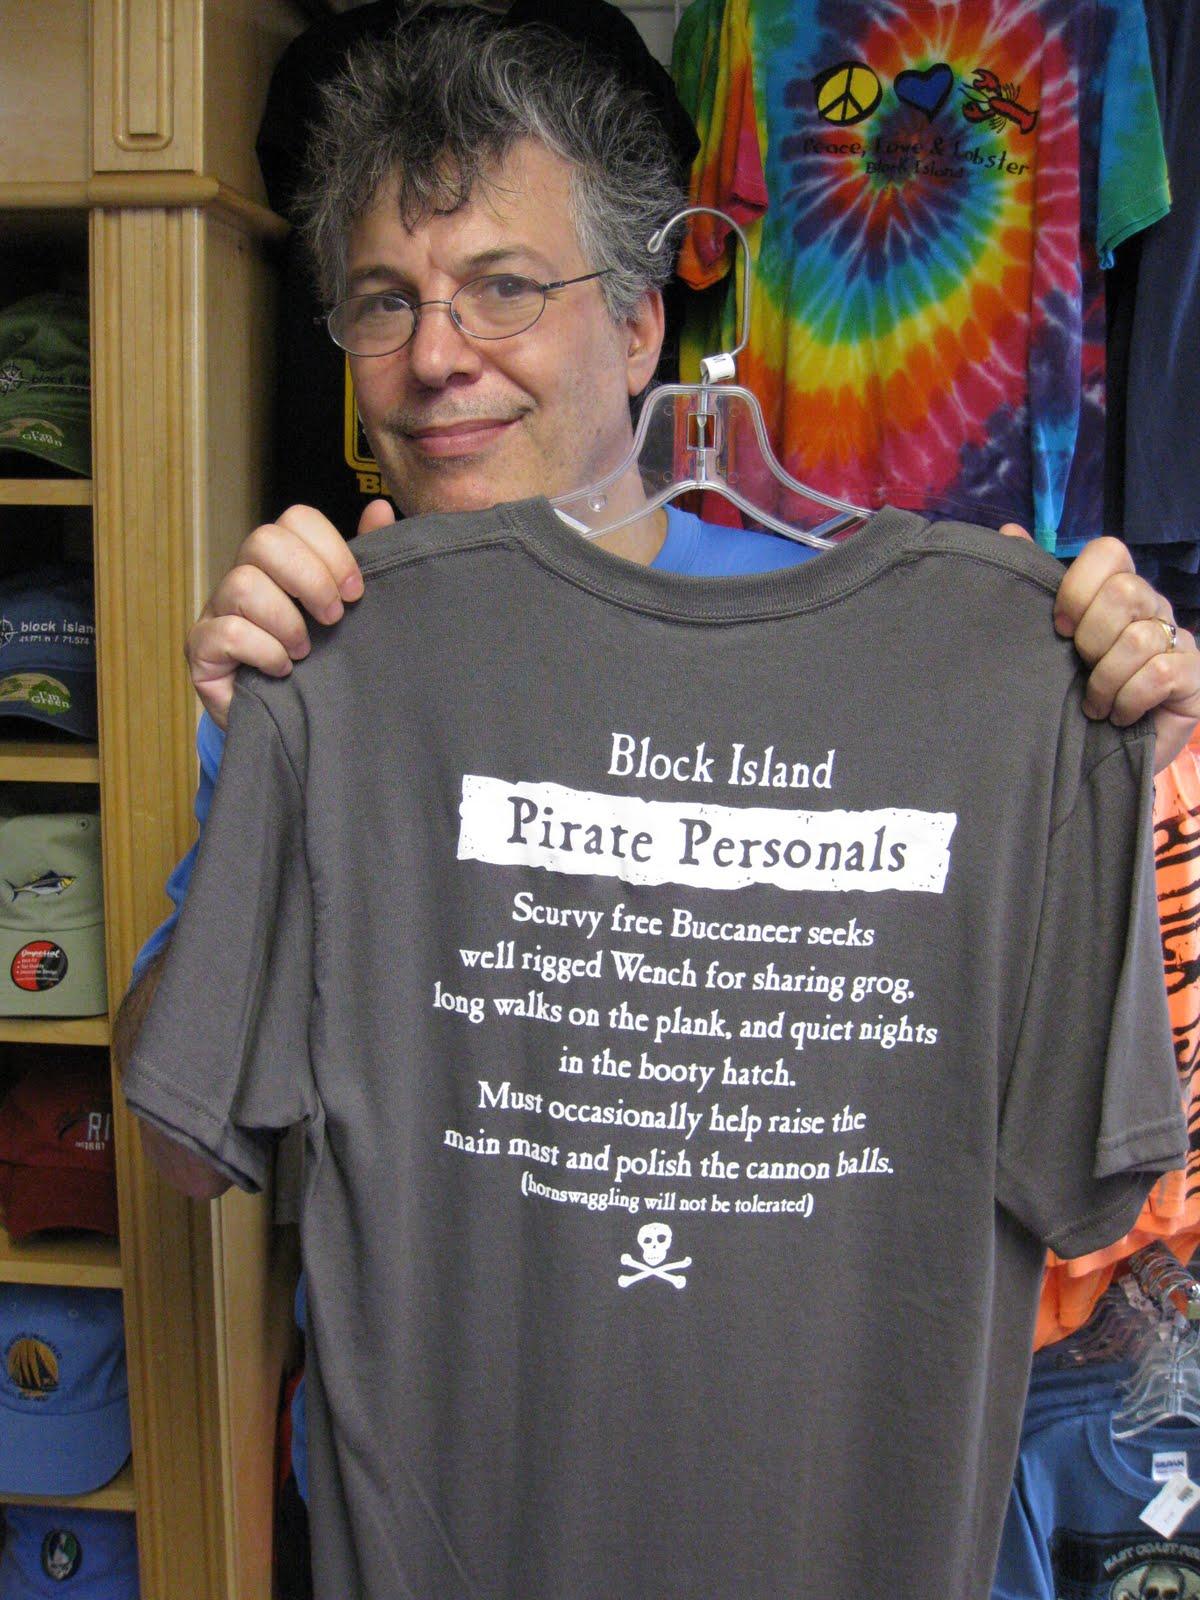 http://2.bp.blogspot.com/_kng9nNTclfs/TENjlEXgwcI/AAAAAAAABSU/9EbZsTKRZ-E/s1600/028_K_PiratePersonals_T-shirt.JPG